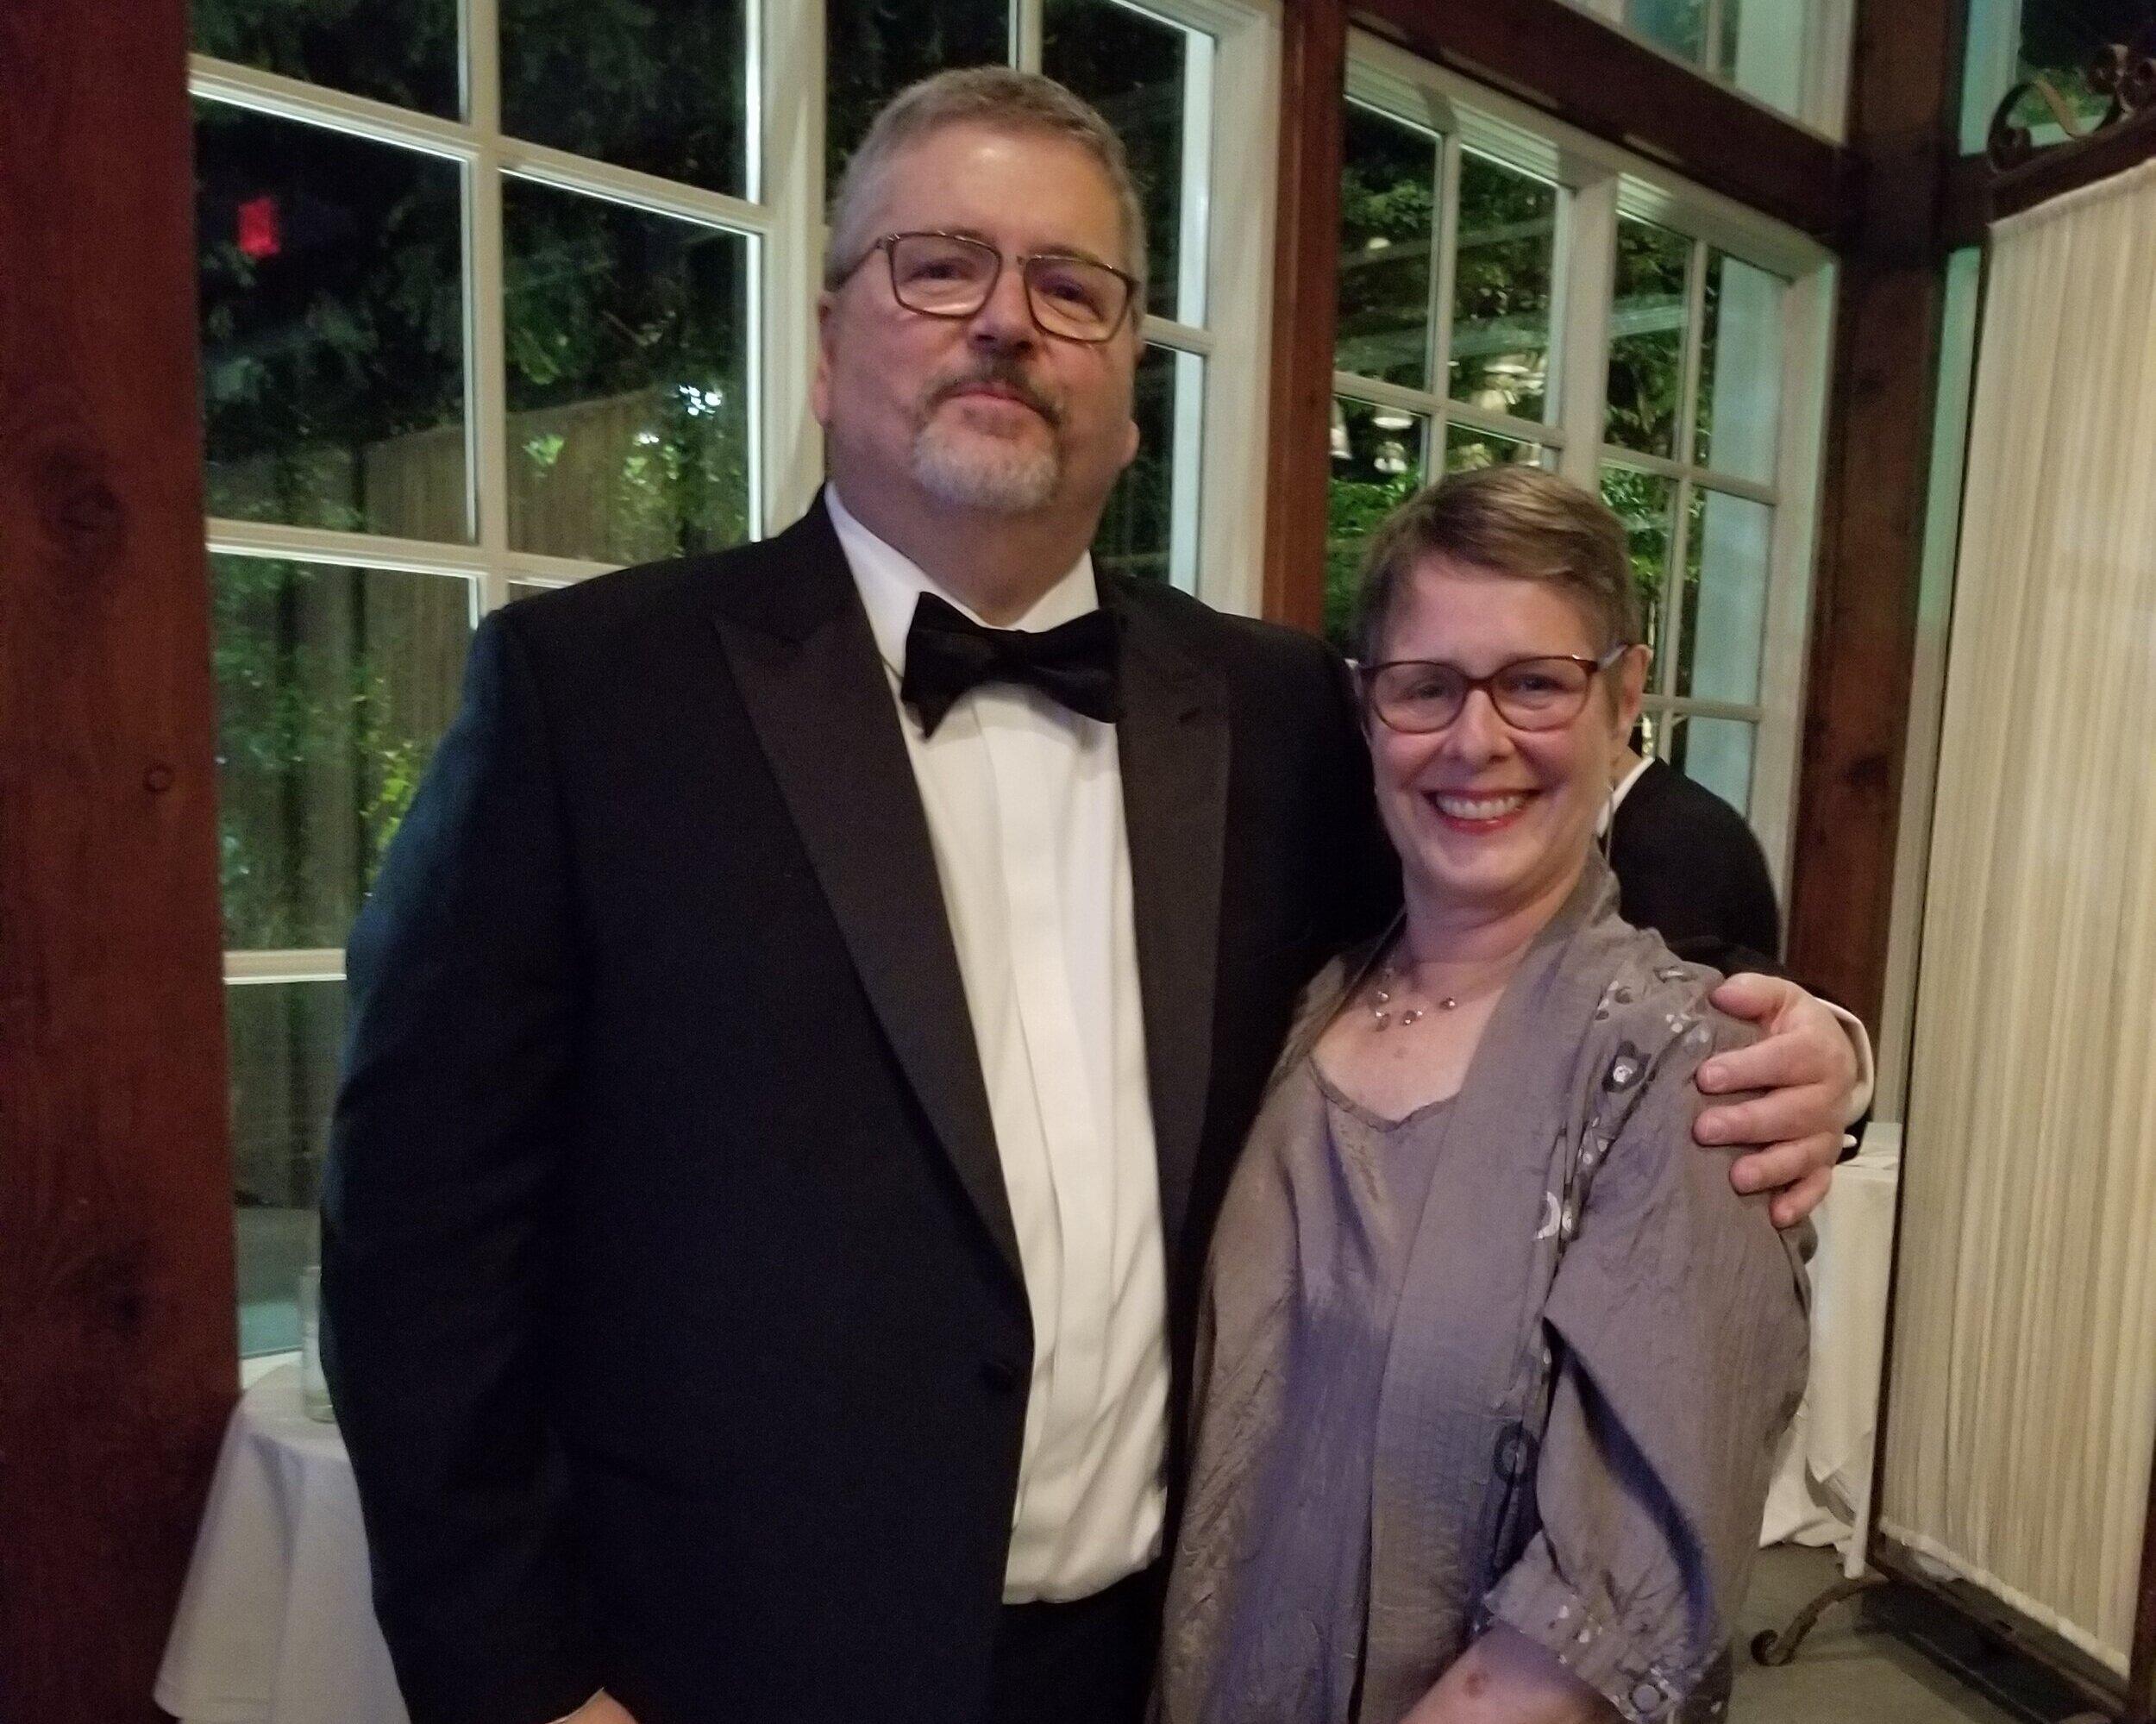 Dave & Julie Machado